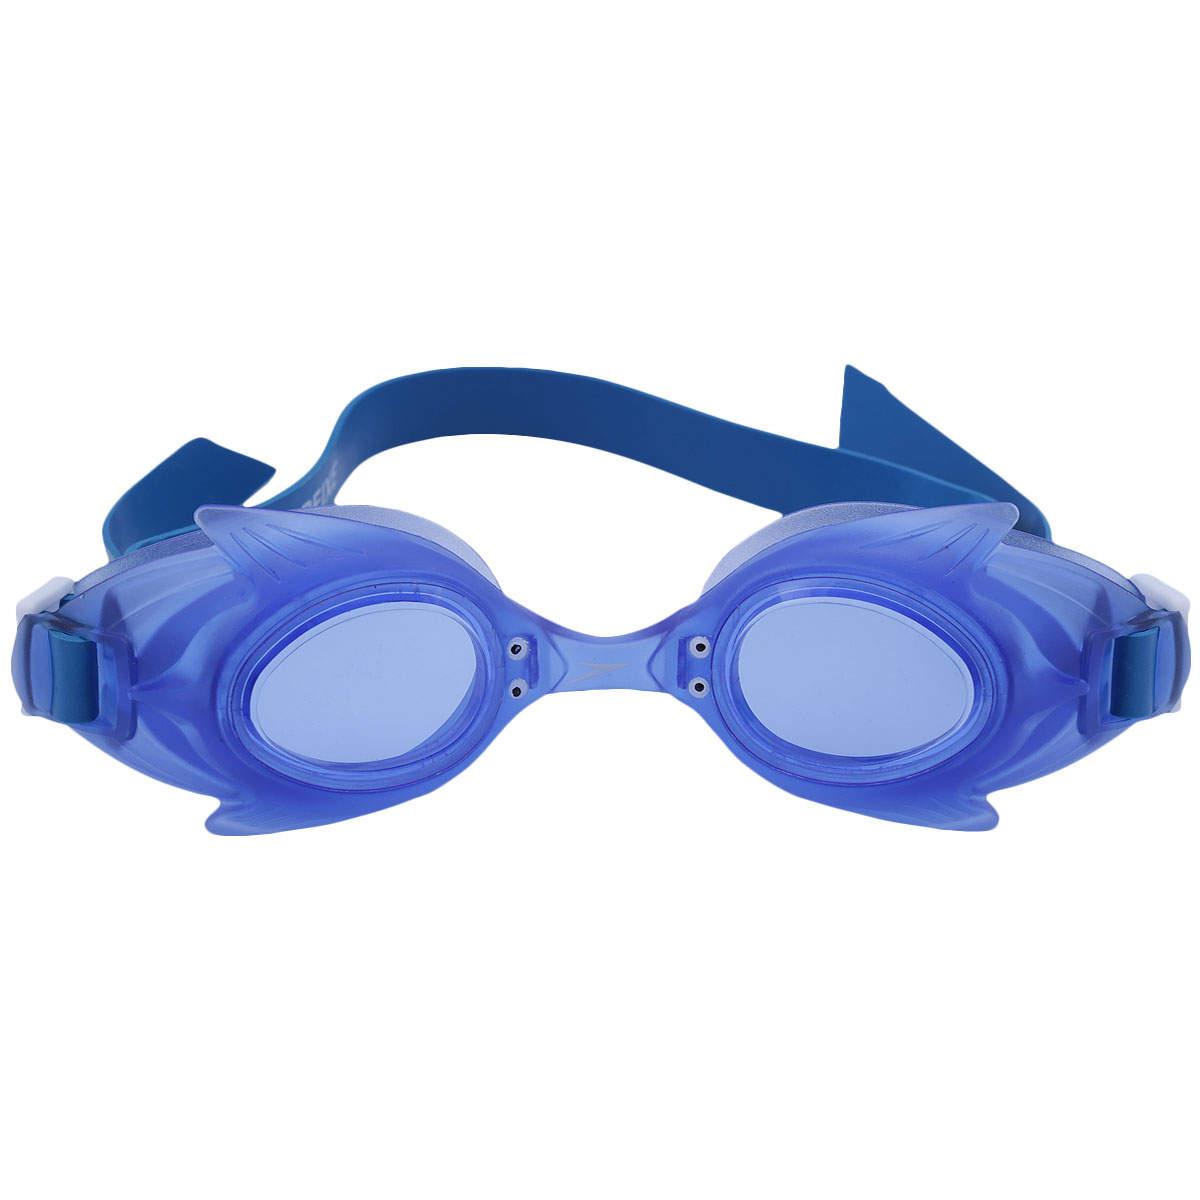 Óculos de Natação Fun Club Peixe Azul Infantil - Speedo